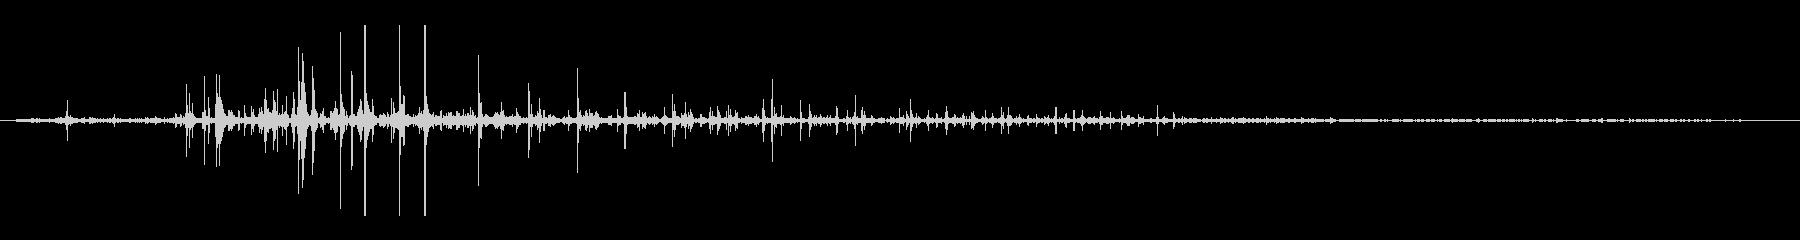 ハードダートホース:ギャロップアウェイの未再生の波形